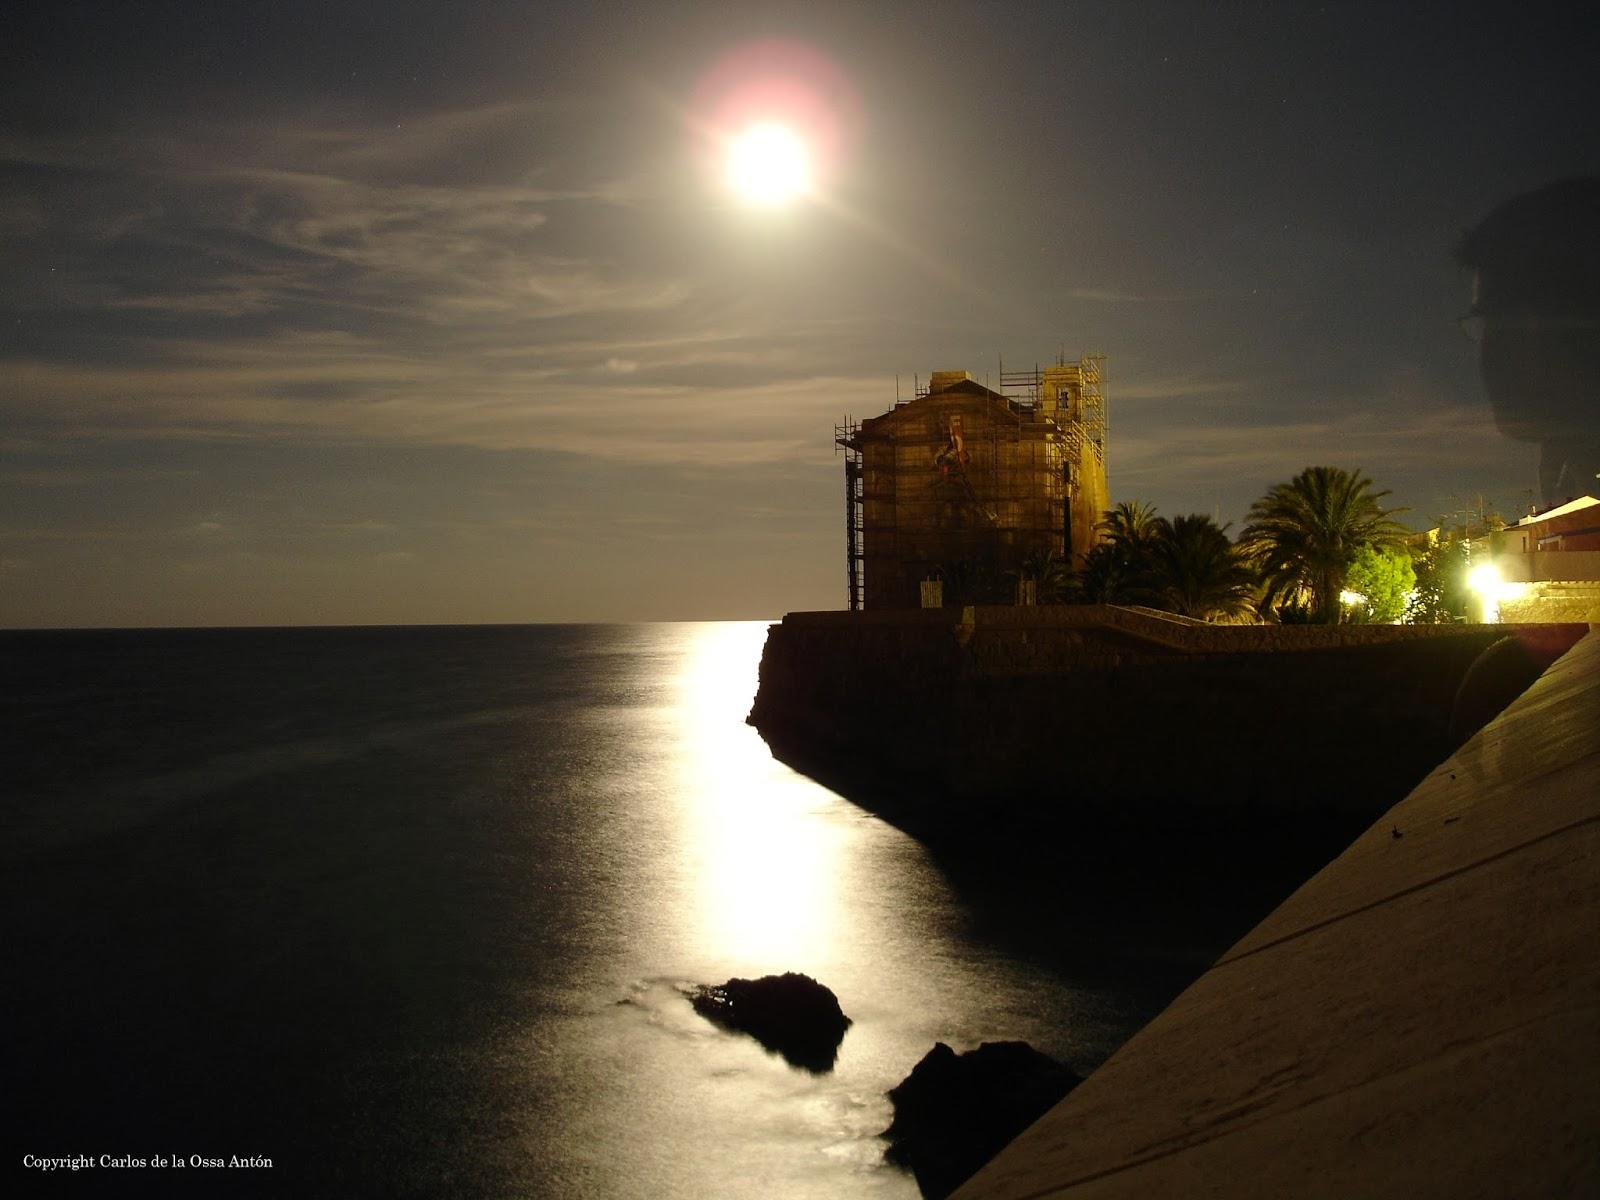 La casa de tabarca isla de tabarca un enclave natural privilegiado - Casa en tabarca ...